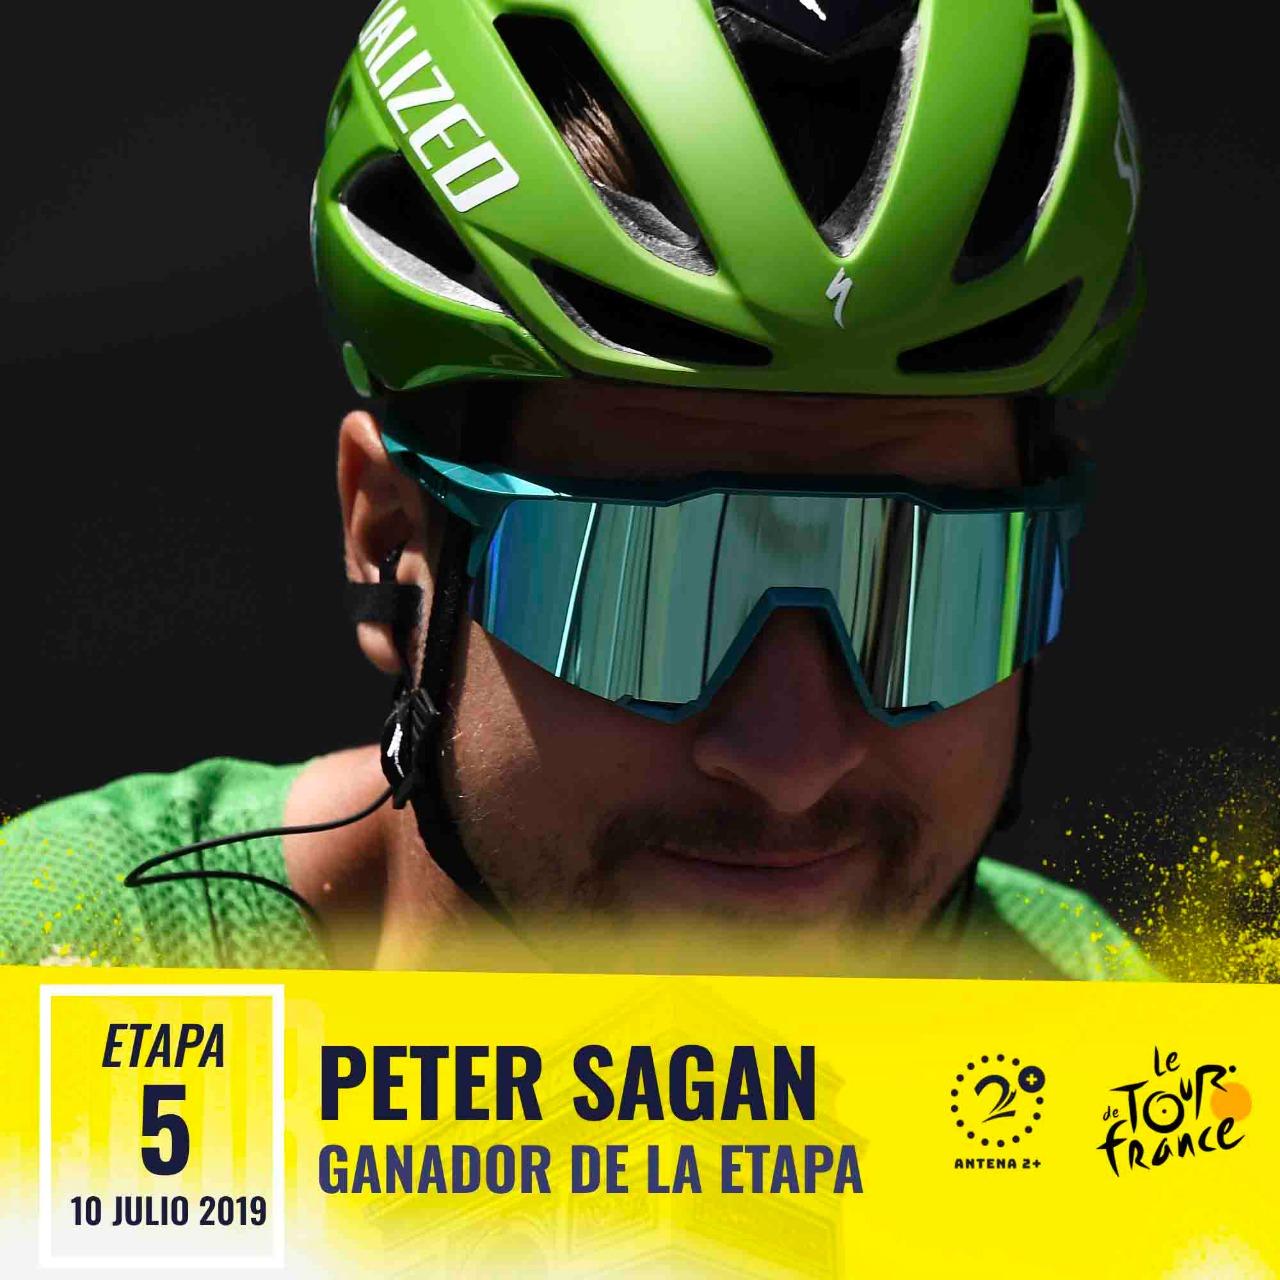 Peter Sagan fue el más rápido y ganó la quinta etapa del Tour de Francia